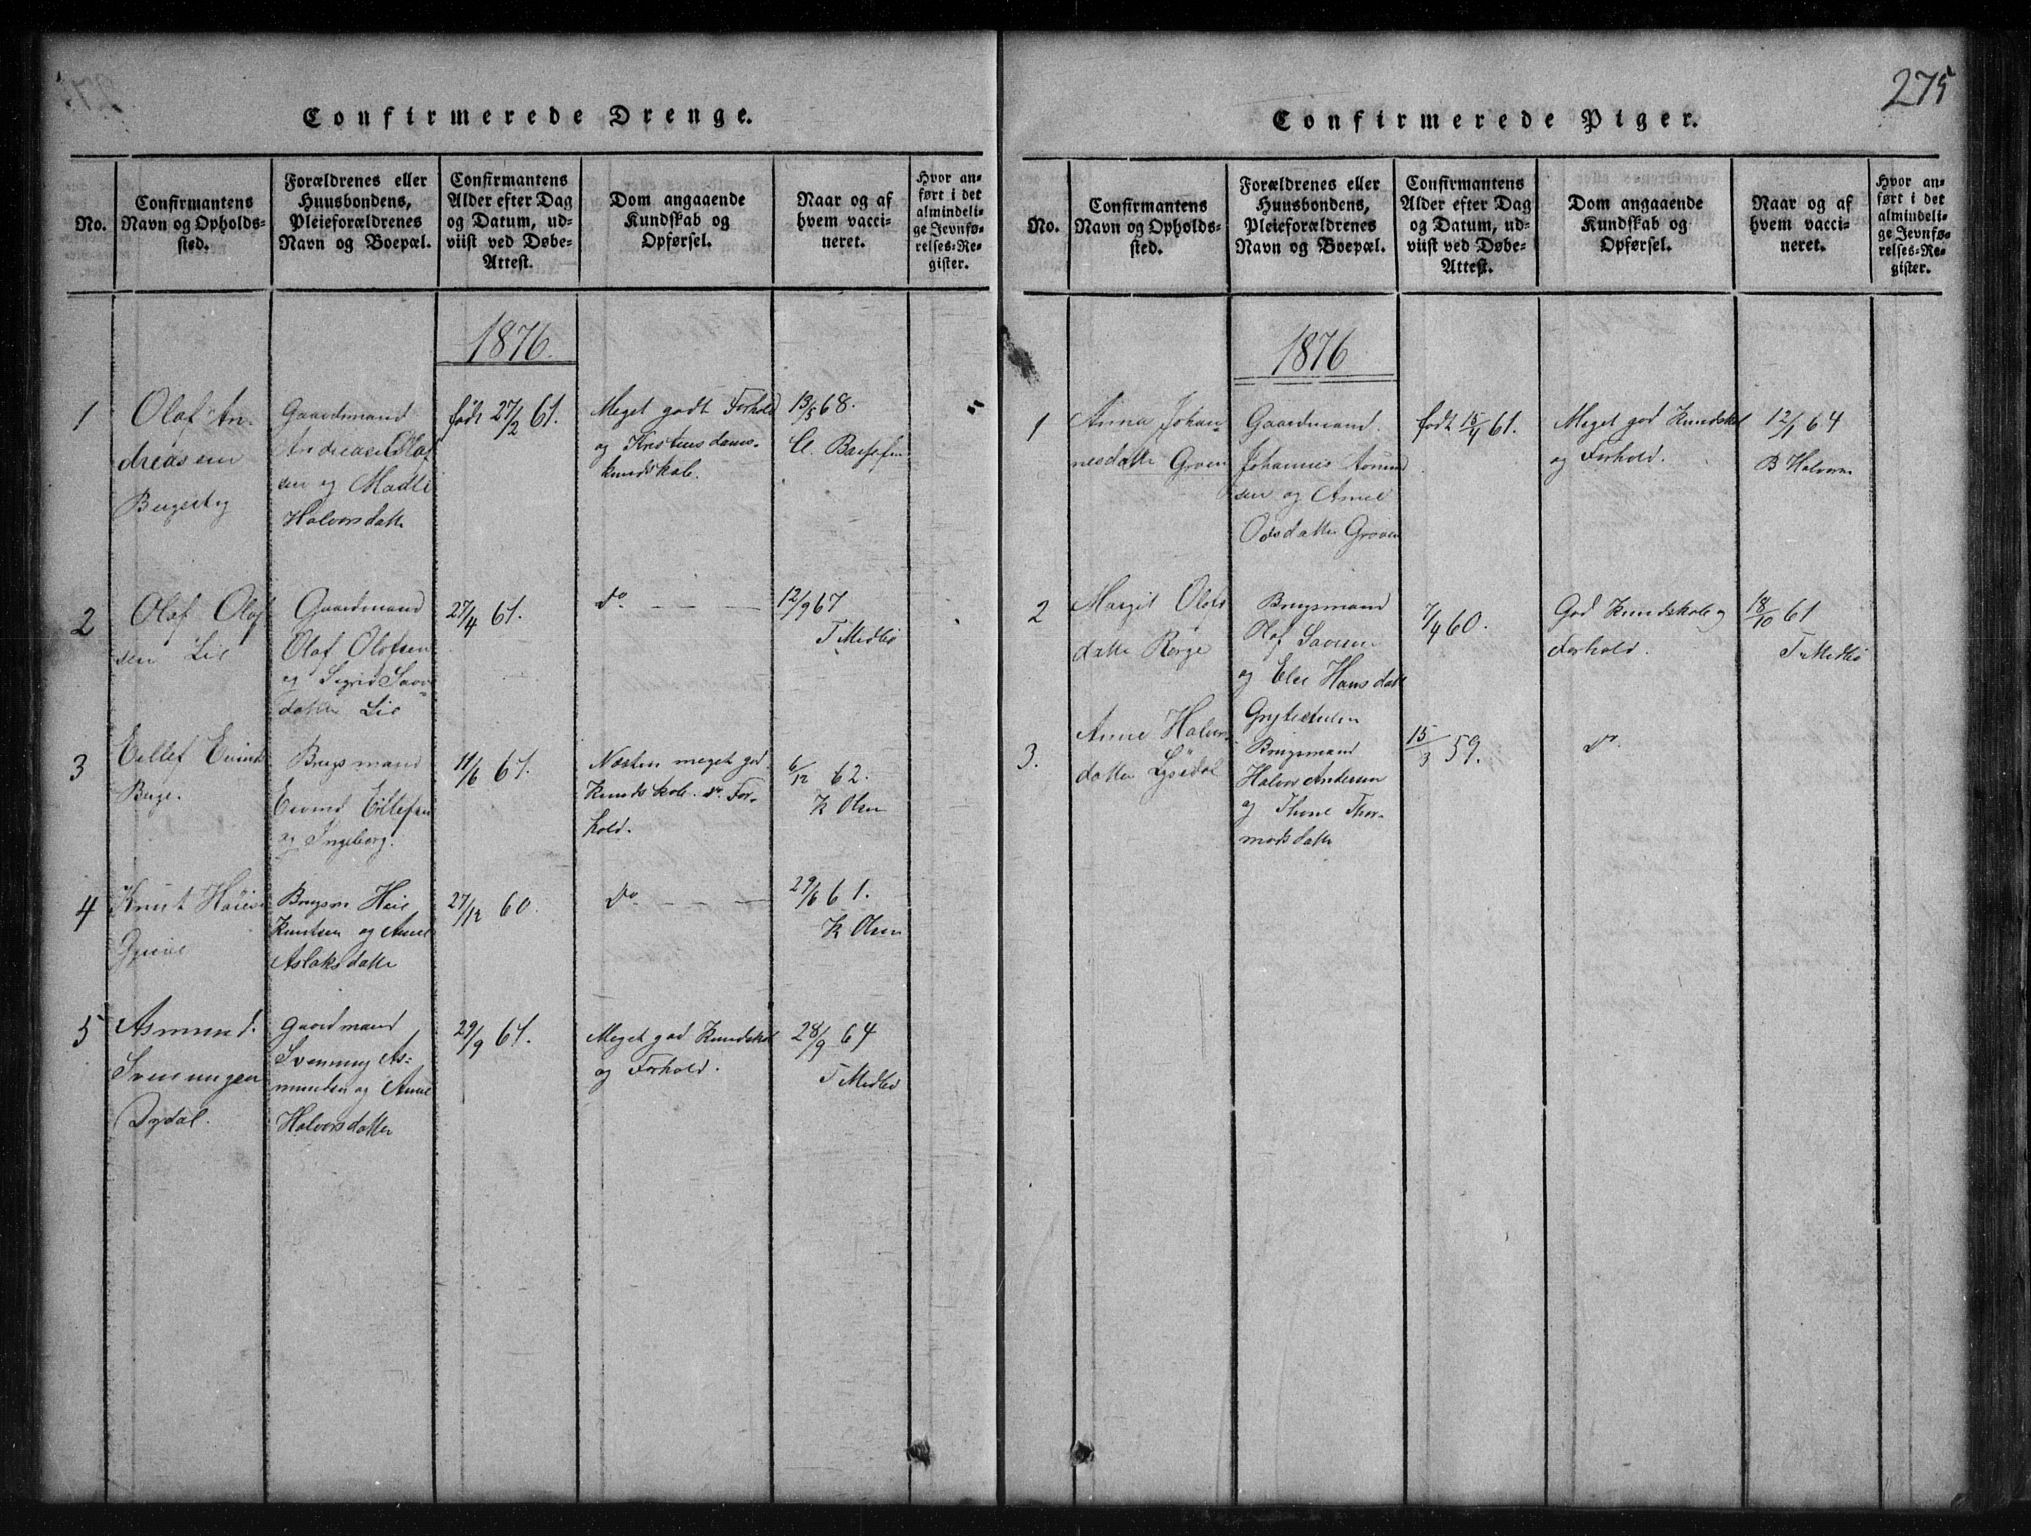 SAKO, Rauland kirkebøker, G/Gb/L0001: Klokkerbok nr. II 1, 1815-1886, s. 275